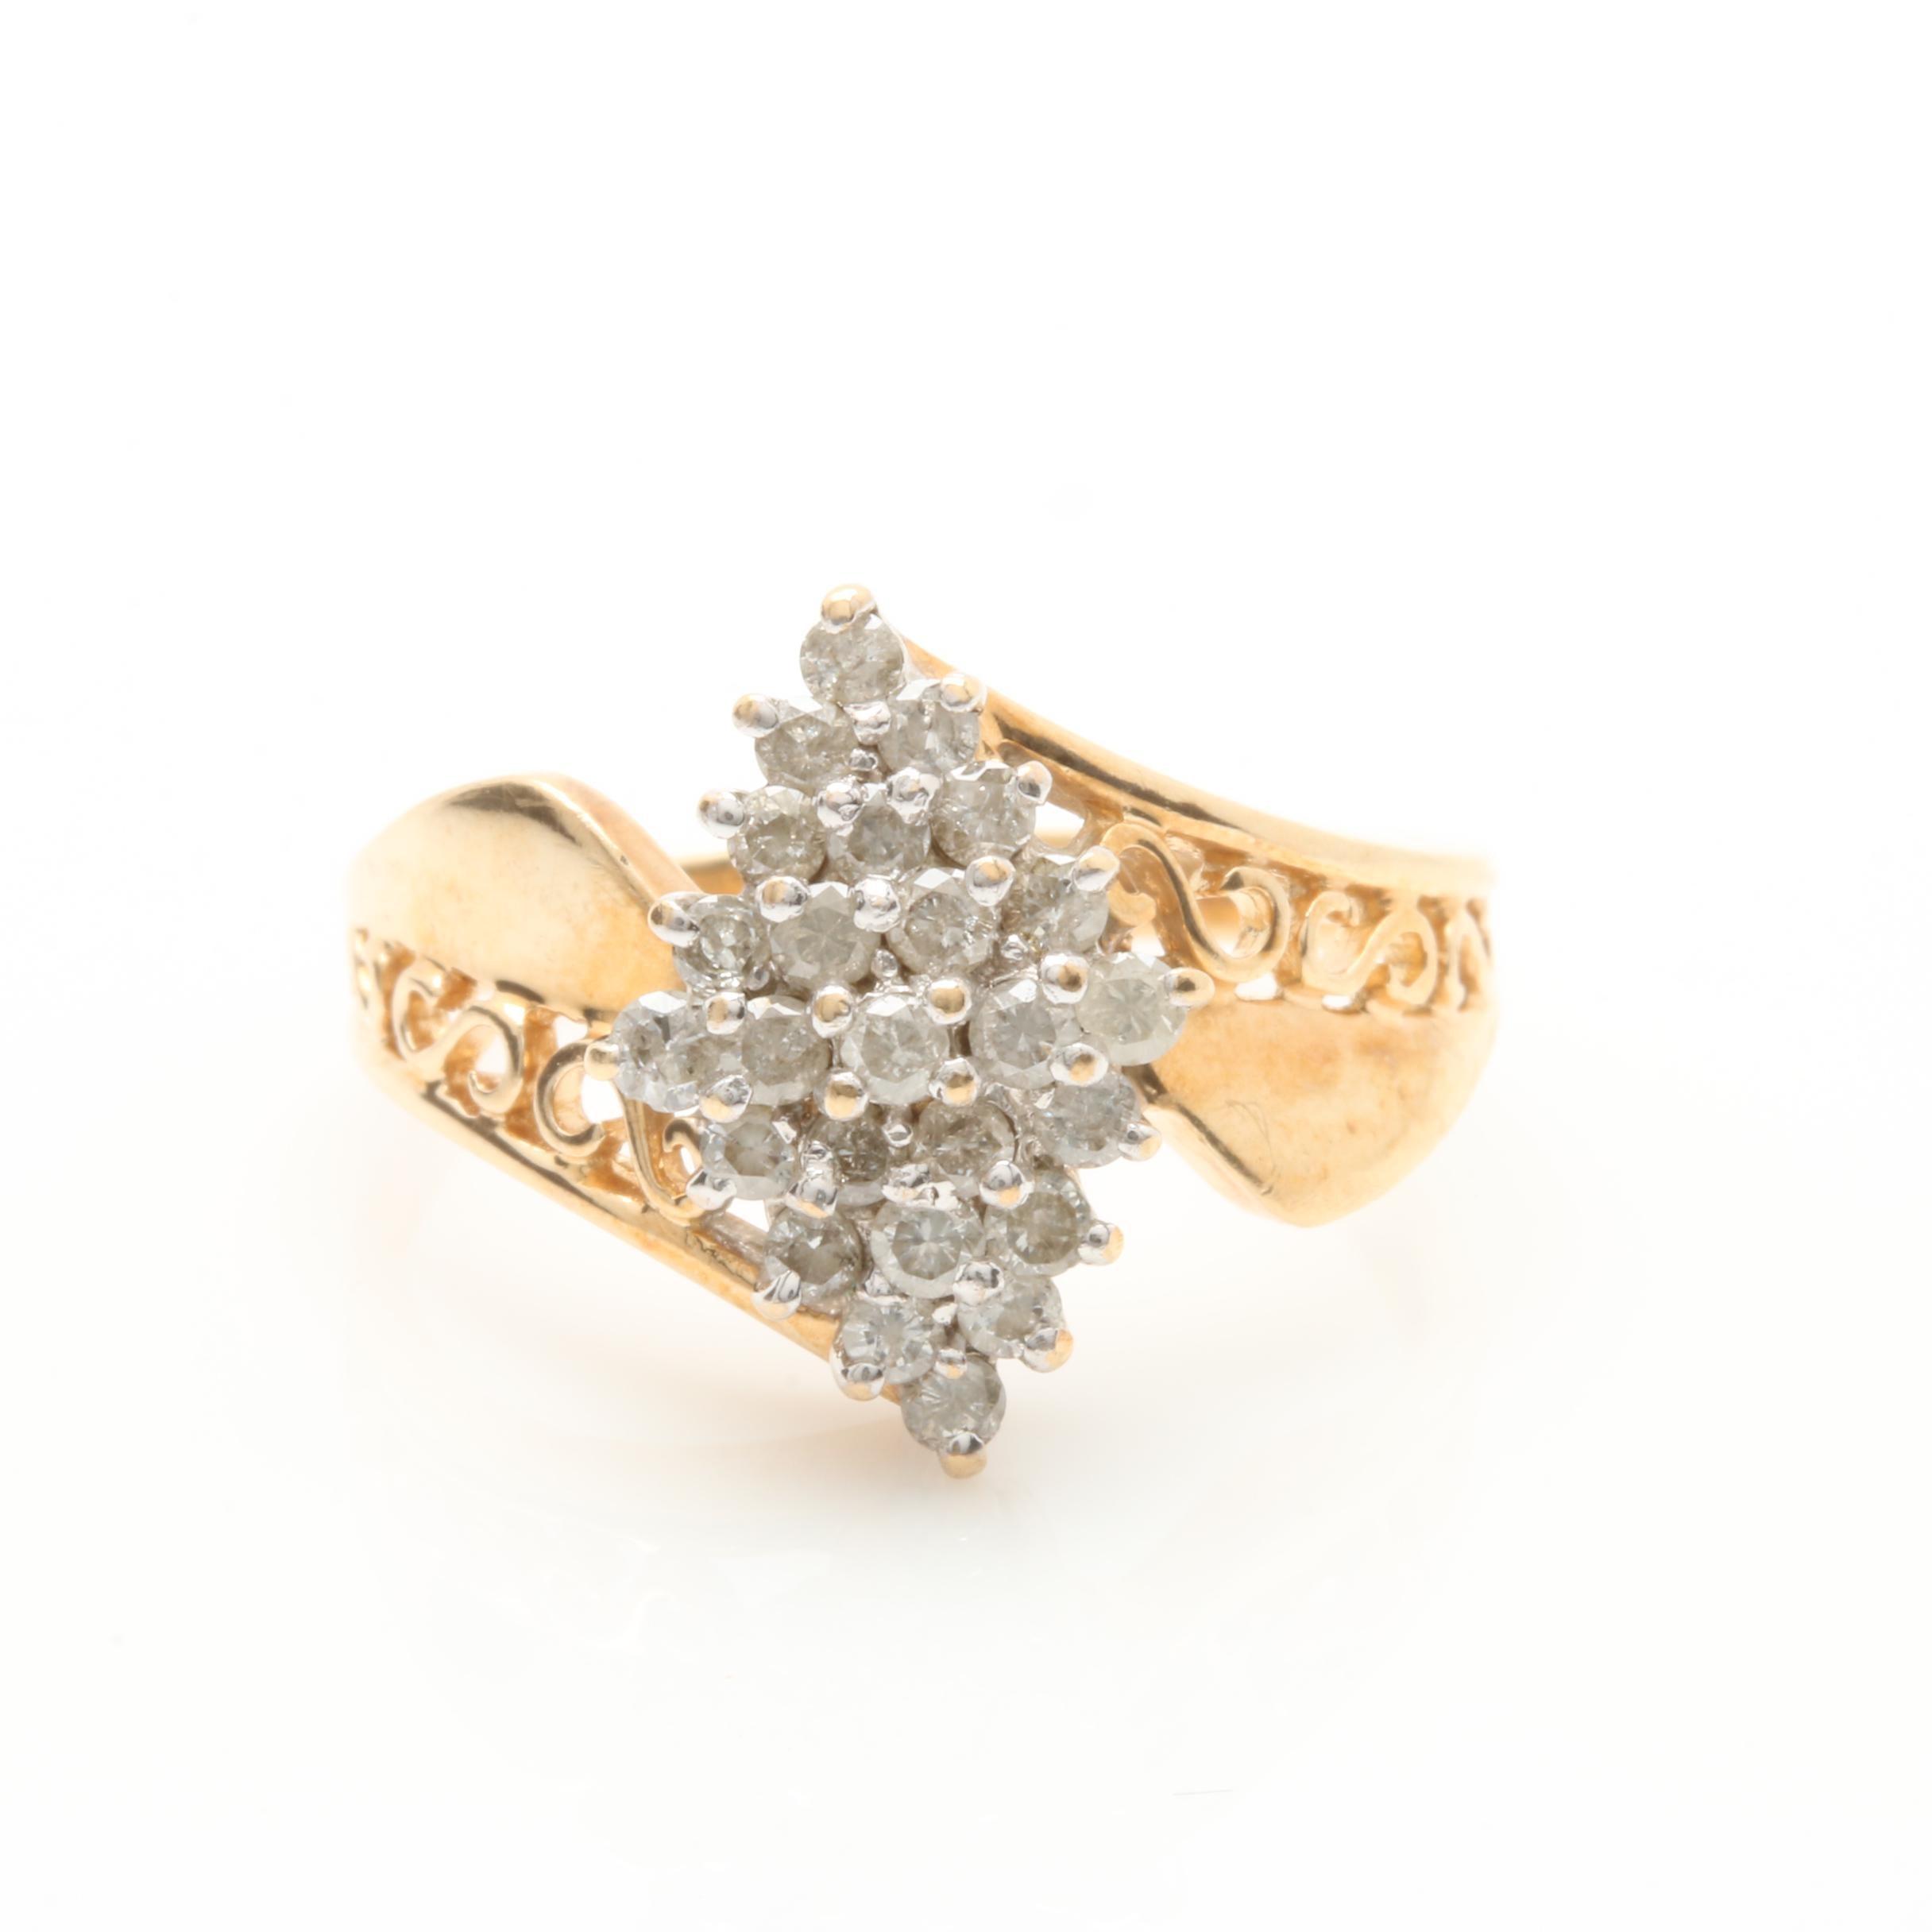 10K White Gold Diamond Crisscross Ring